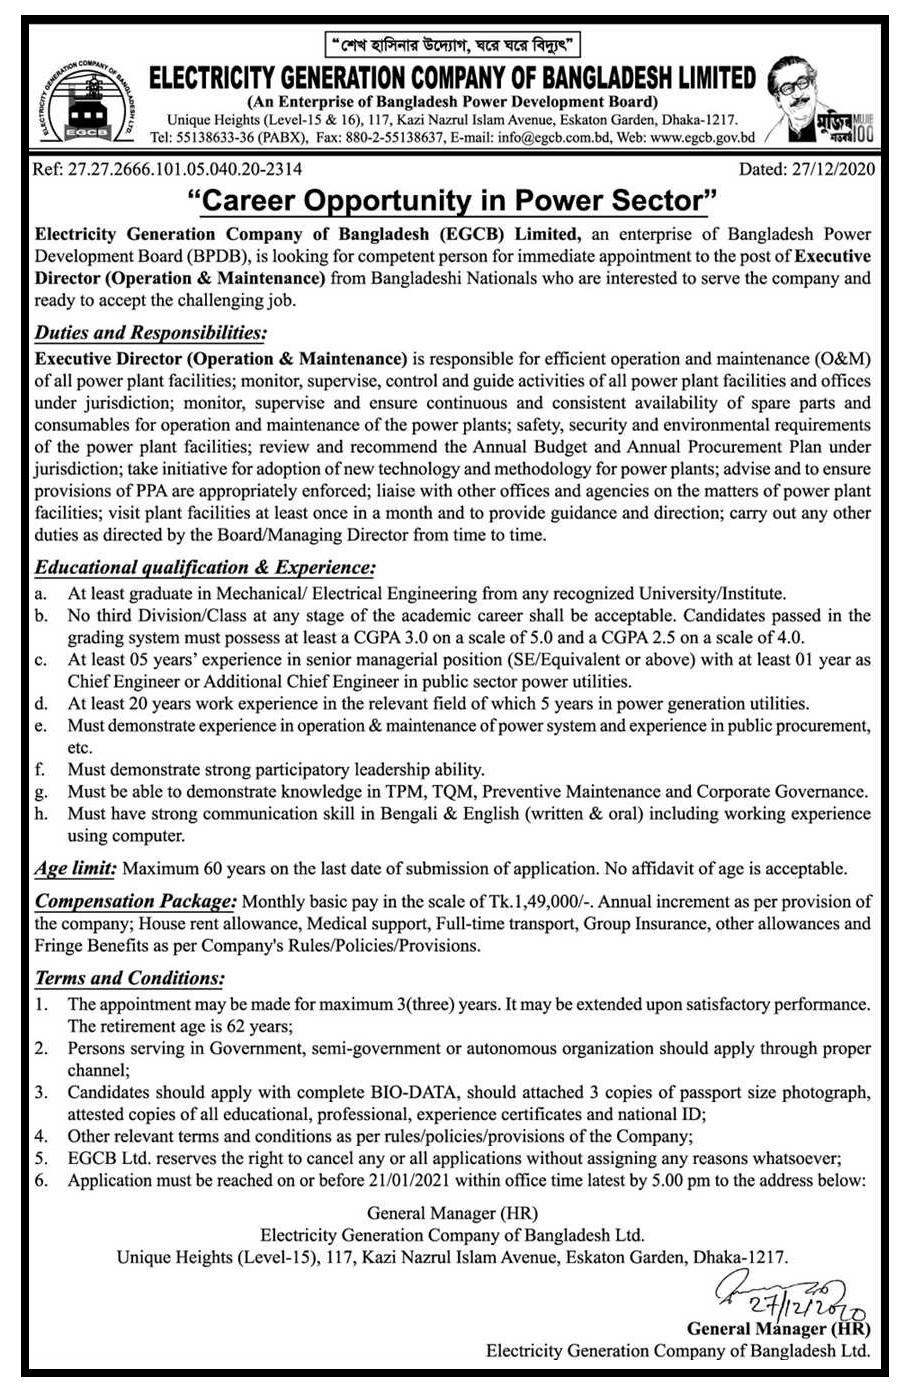 EGCB-Job-Circular-2021